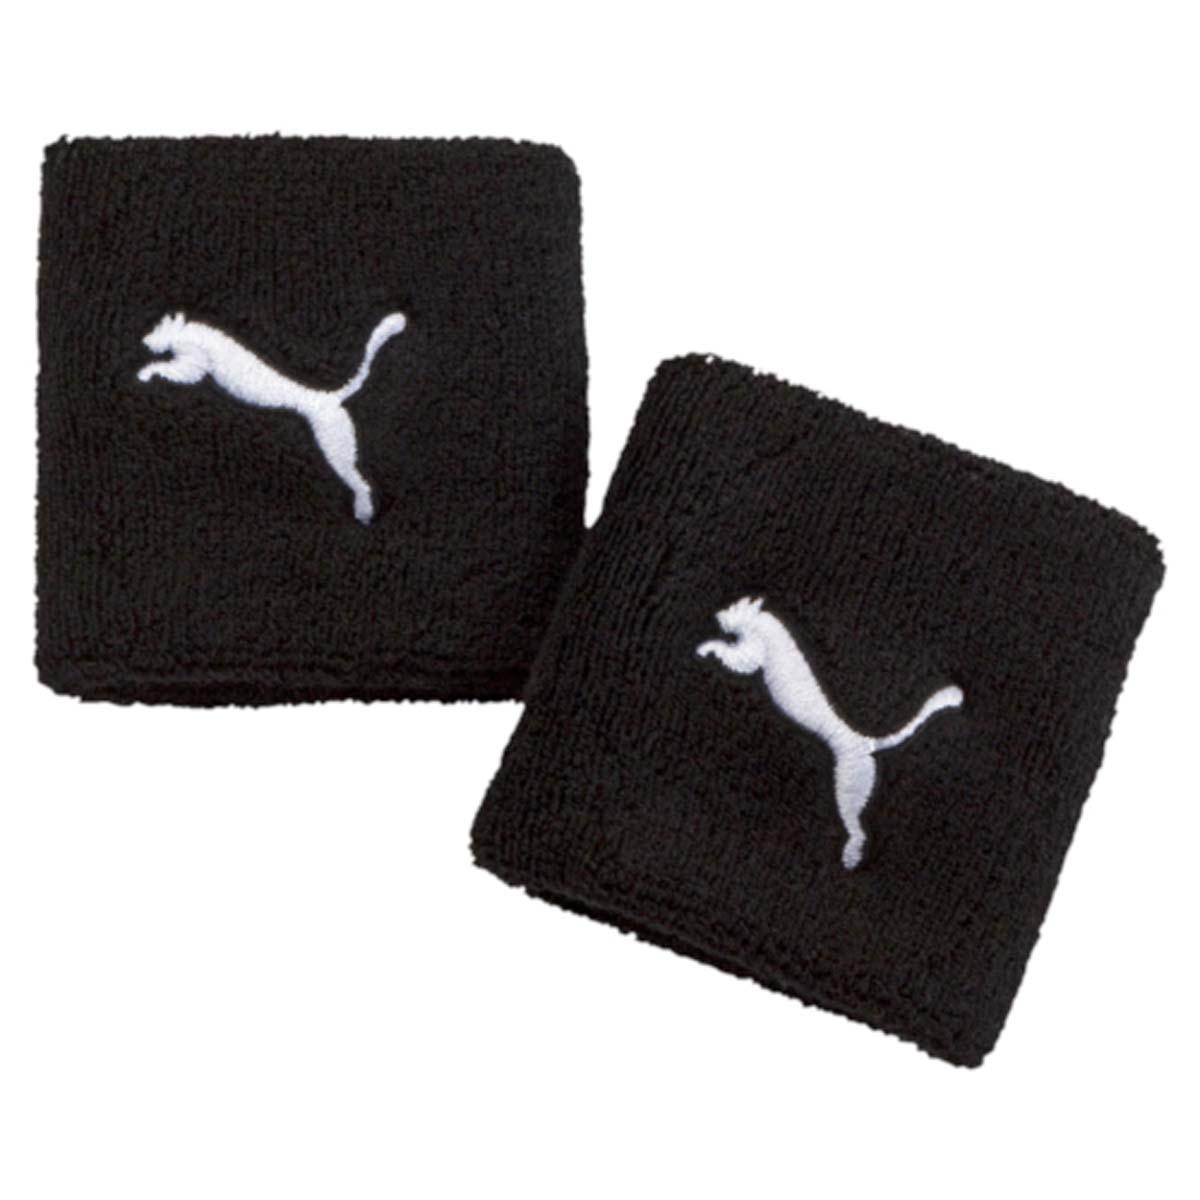 Не стоит волноваться о лишней влаге, которая может помешать занятиям, с новыми напульсниками от Puma. Модель оформлена вшитым логотипом бренда.